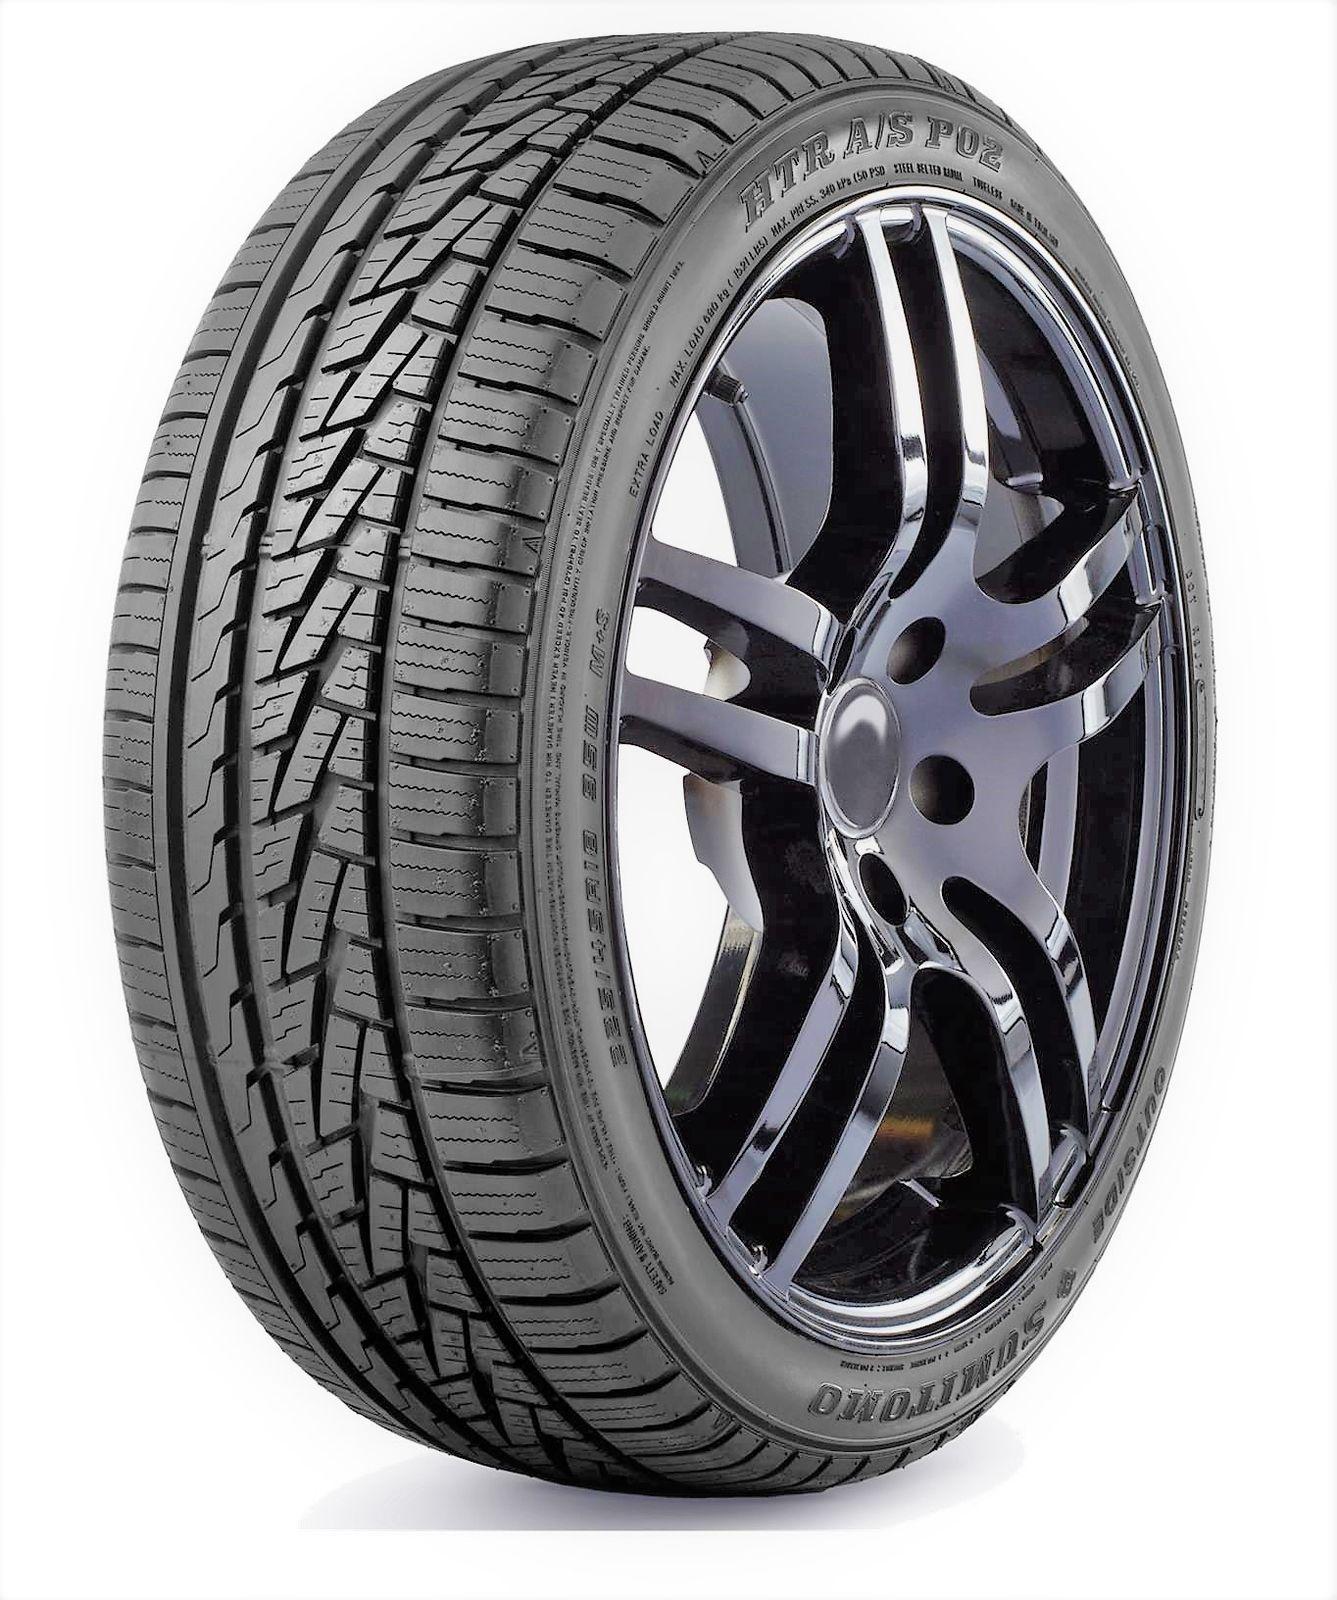 Sumitomo Htr A S P02 Review >> Sumitomo HTR A/S P02 205/65R16 95 V Tire - Walmart.com